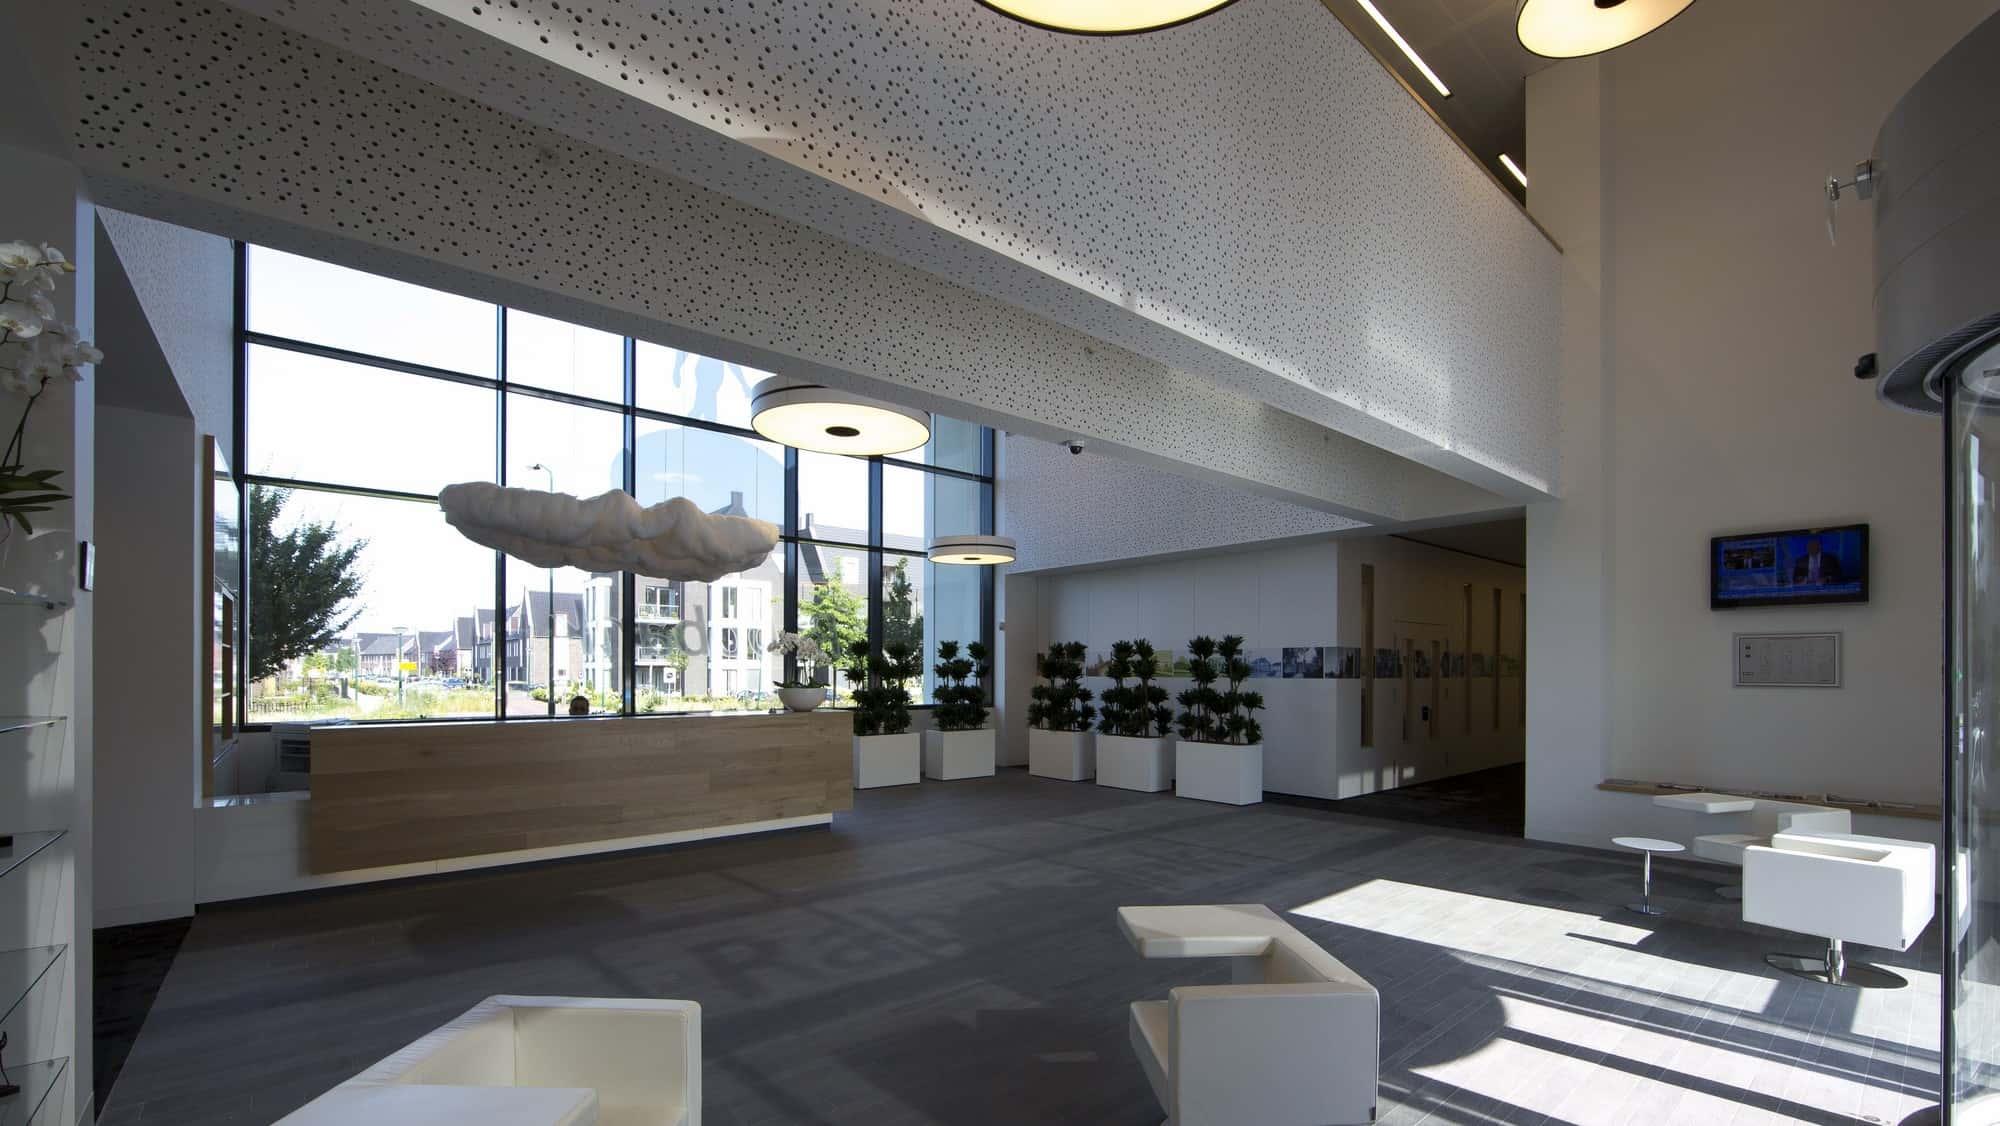 Interieur Rabobank St.-Oedenrode-Schijndel